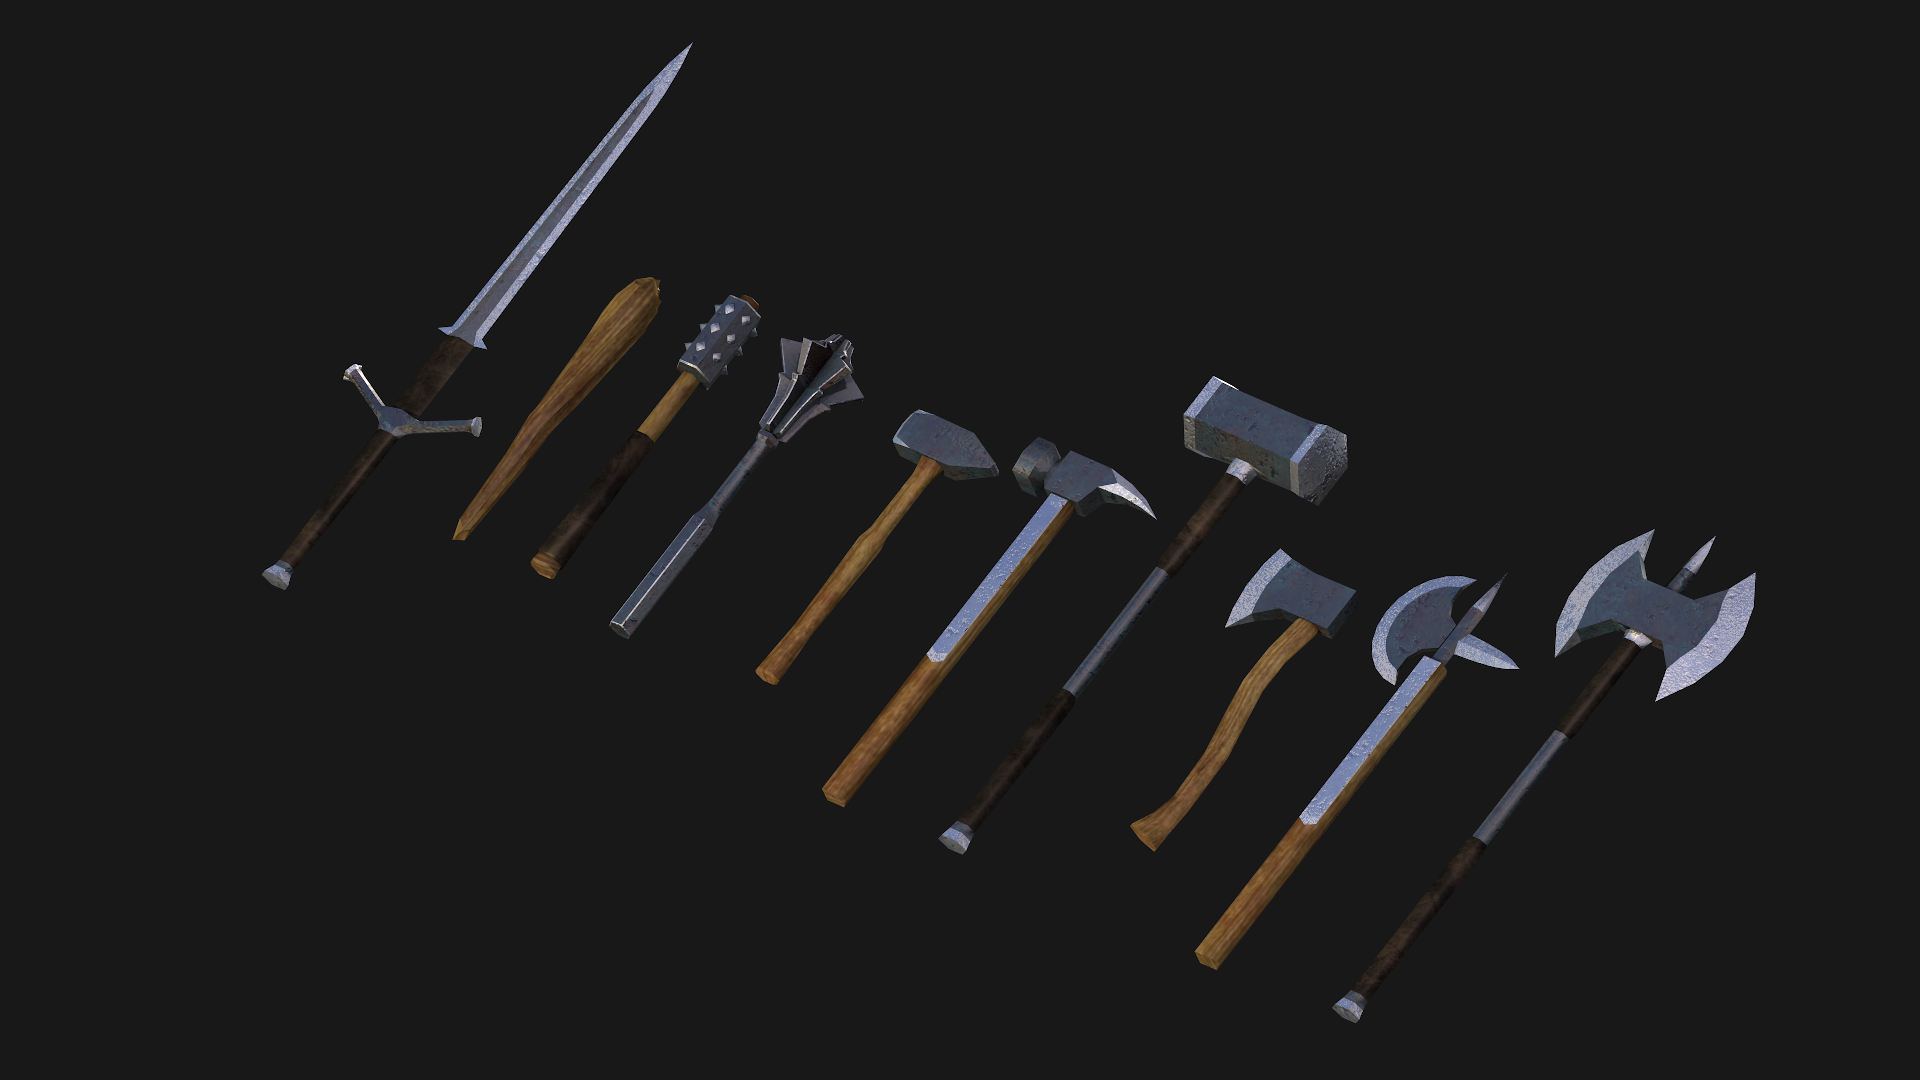 Rendering of ten plain martial weapons